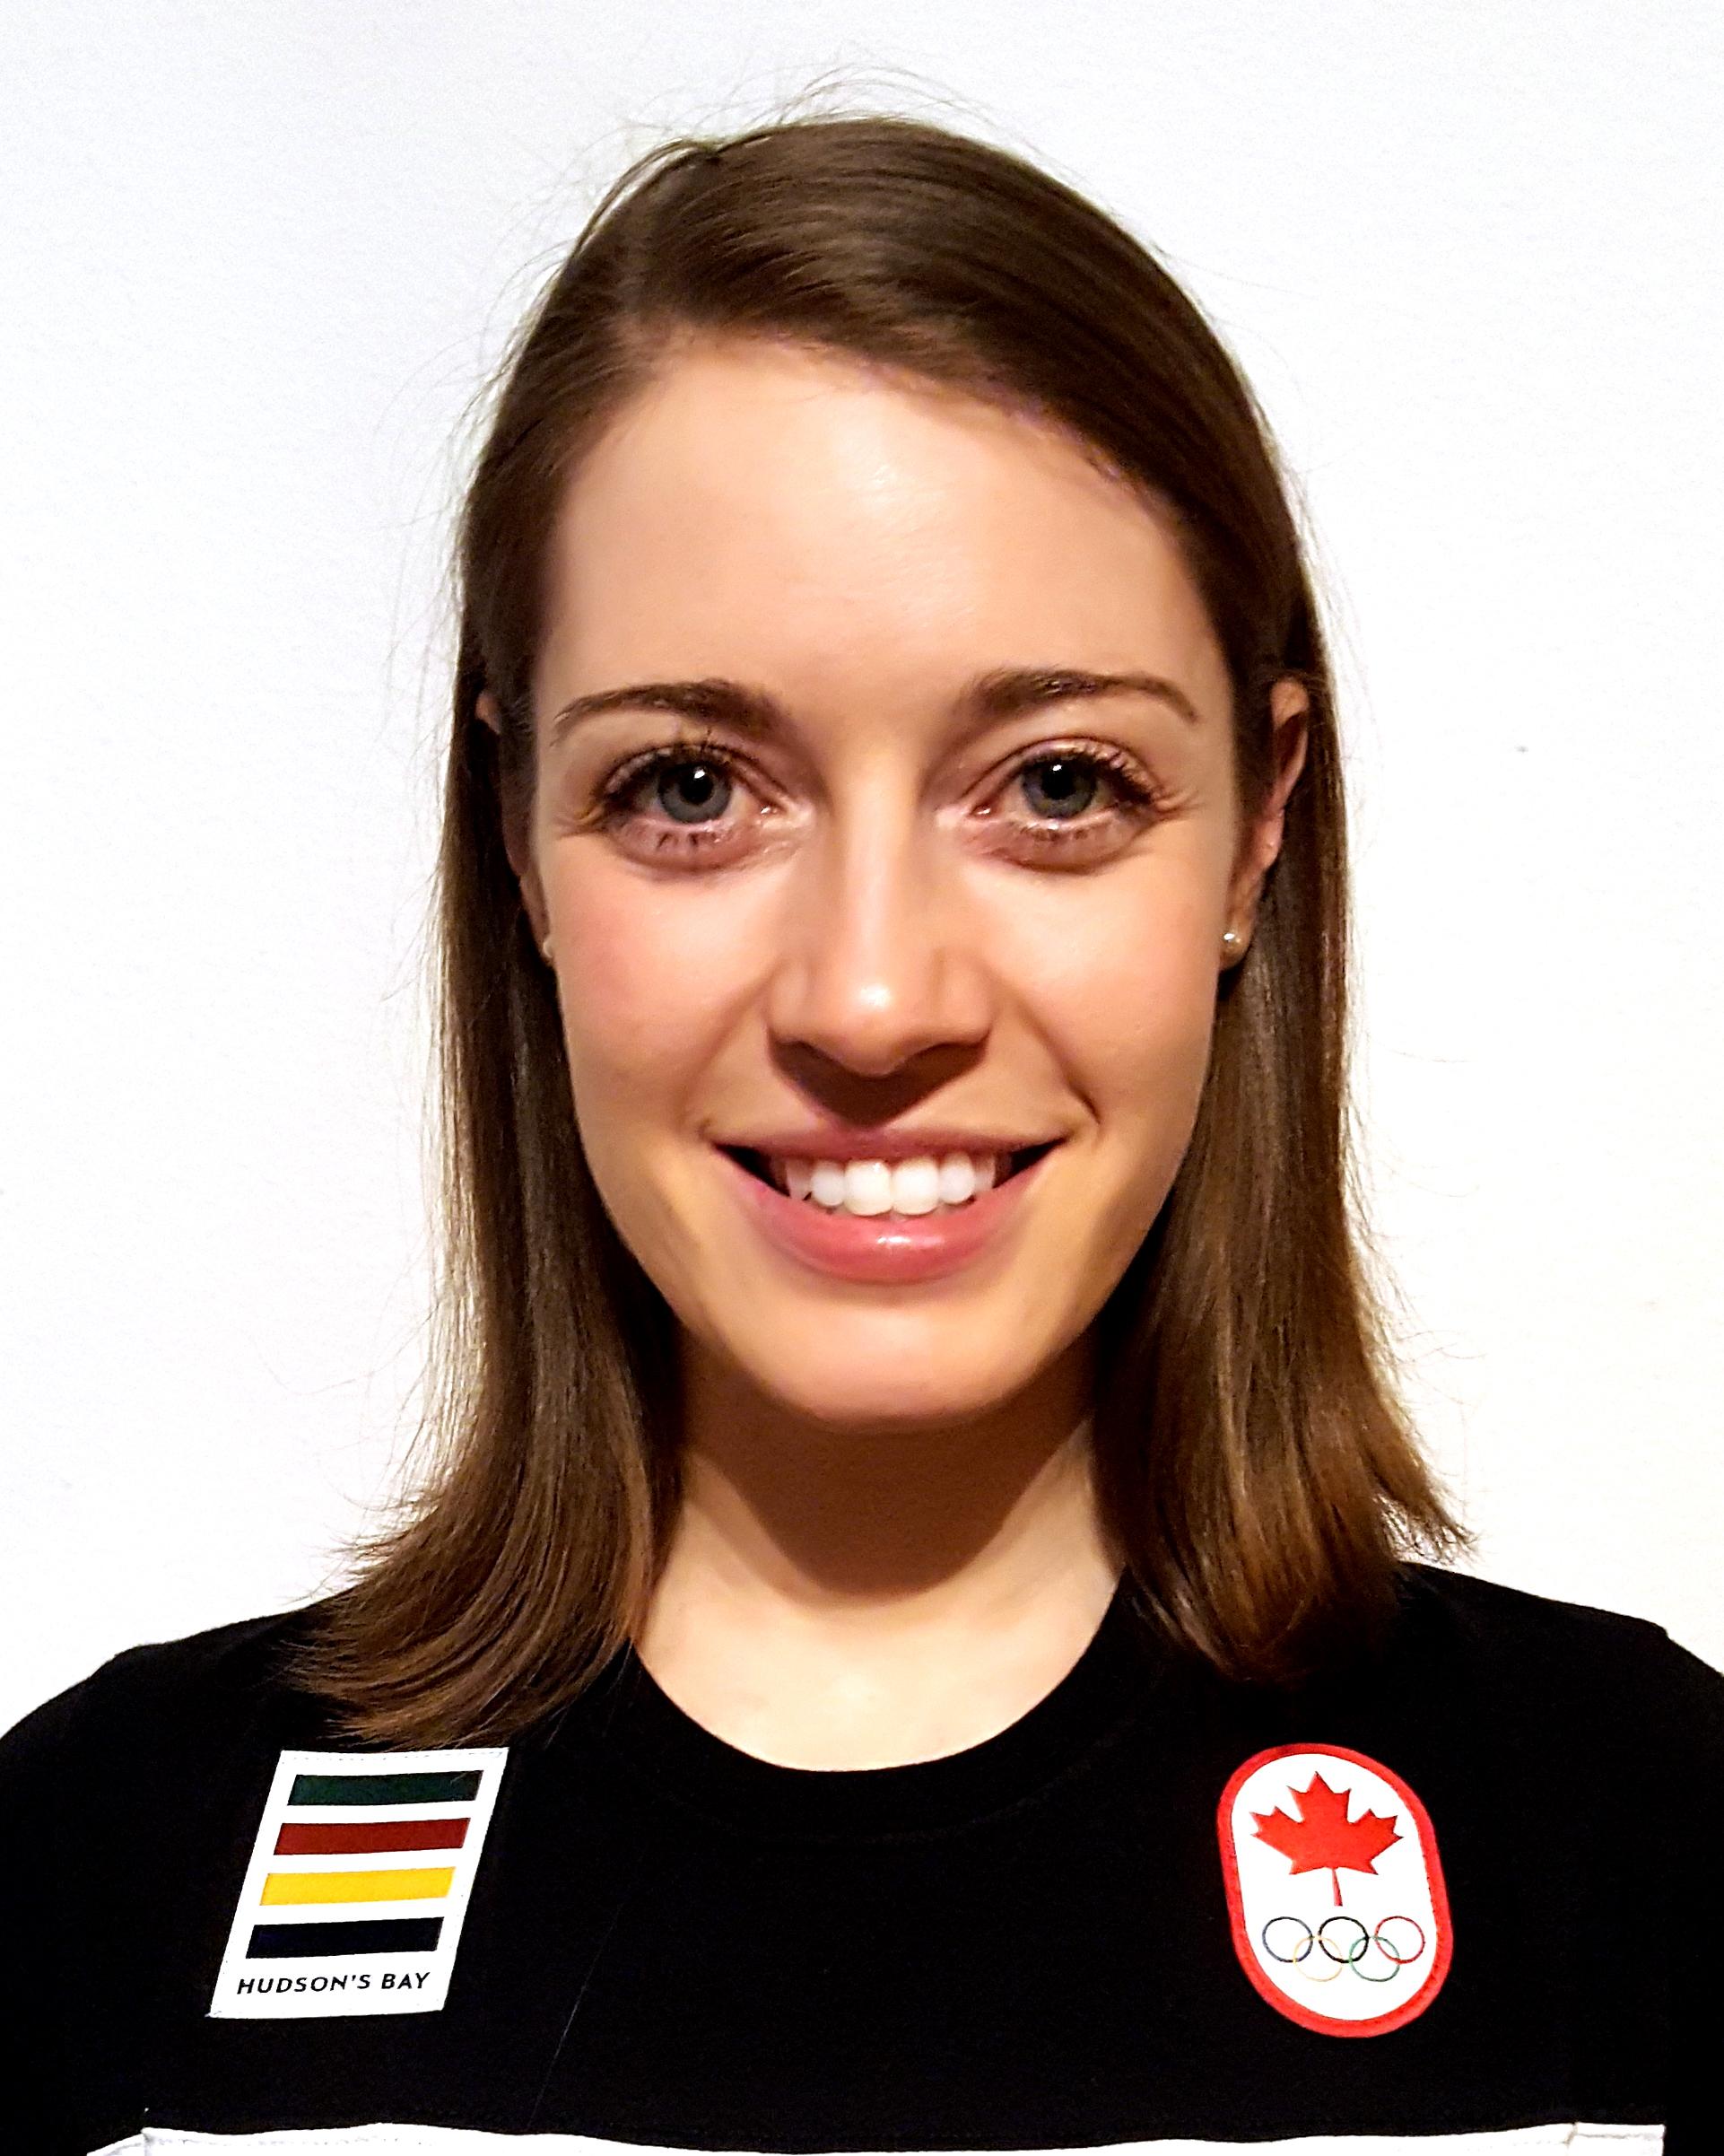 Megan Tandy